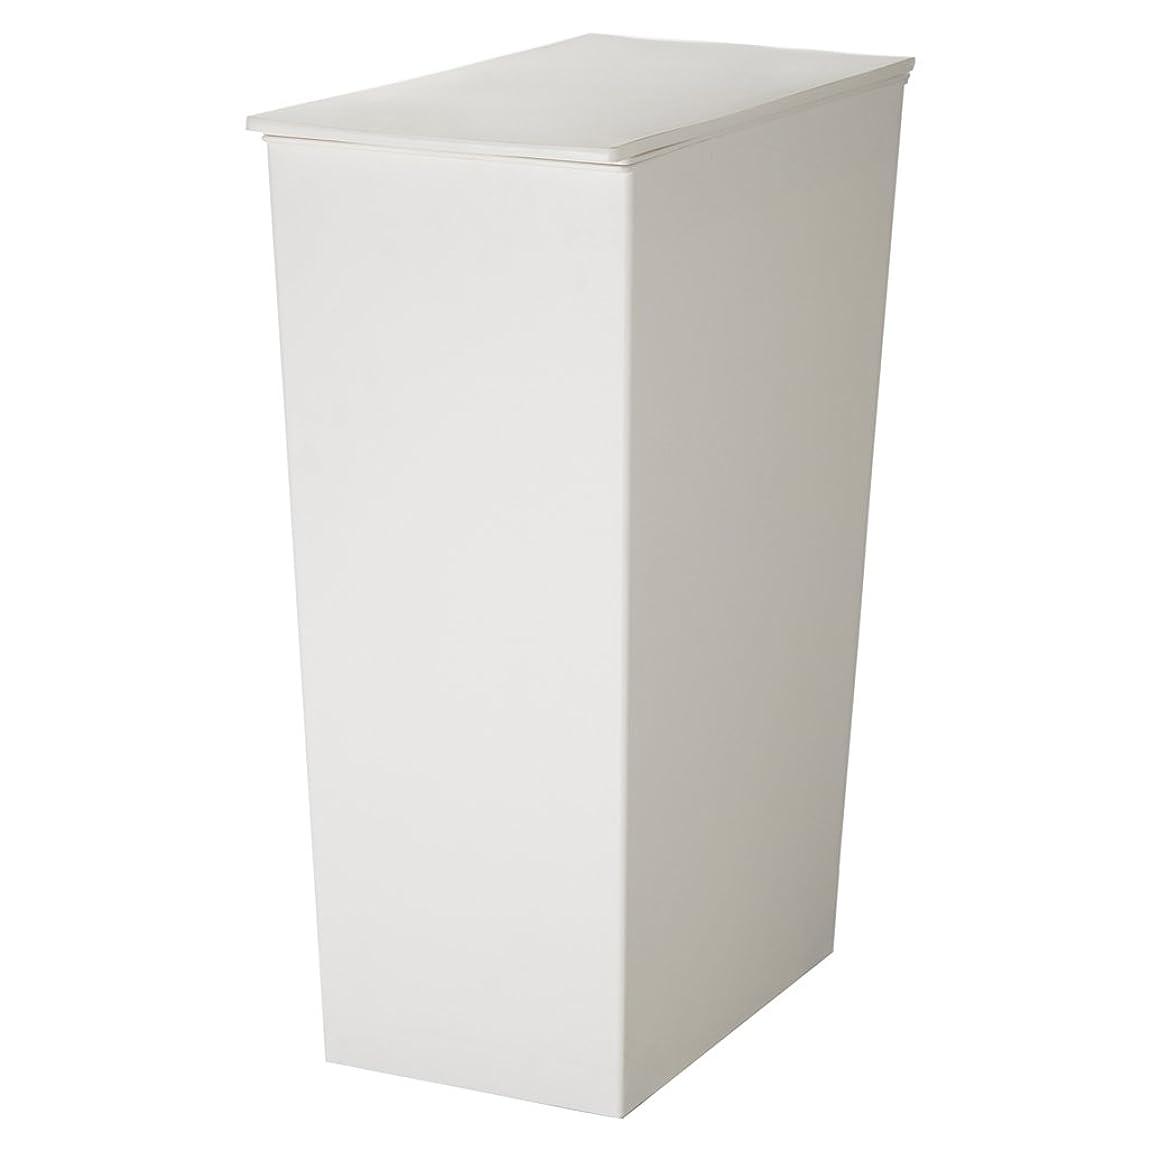 ドレス放課後アマチュアI'mD(アイムディ) ゴミ箱 クード シンプル スリム ホワイト KUDSP-SLW